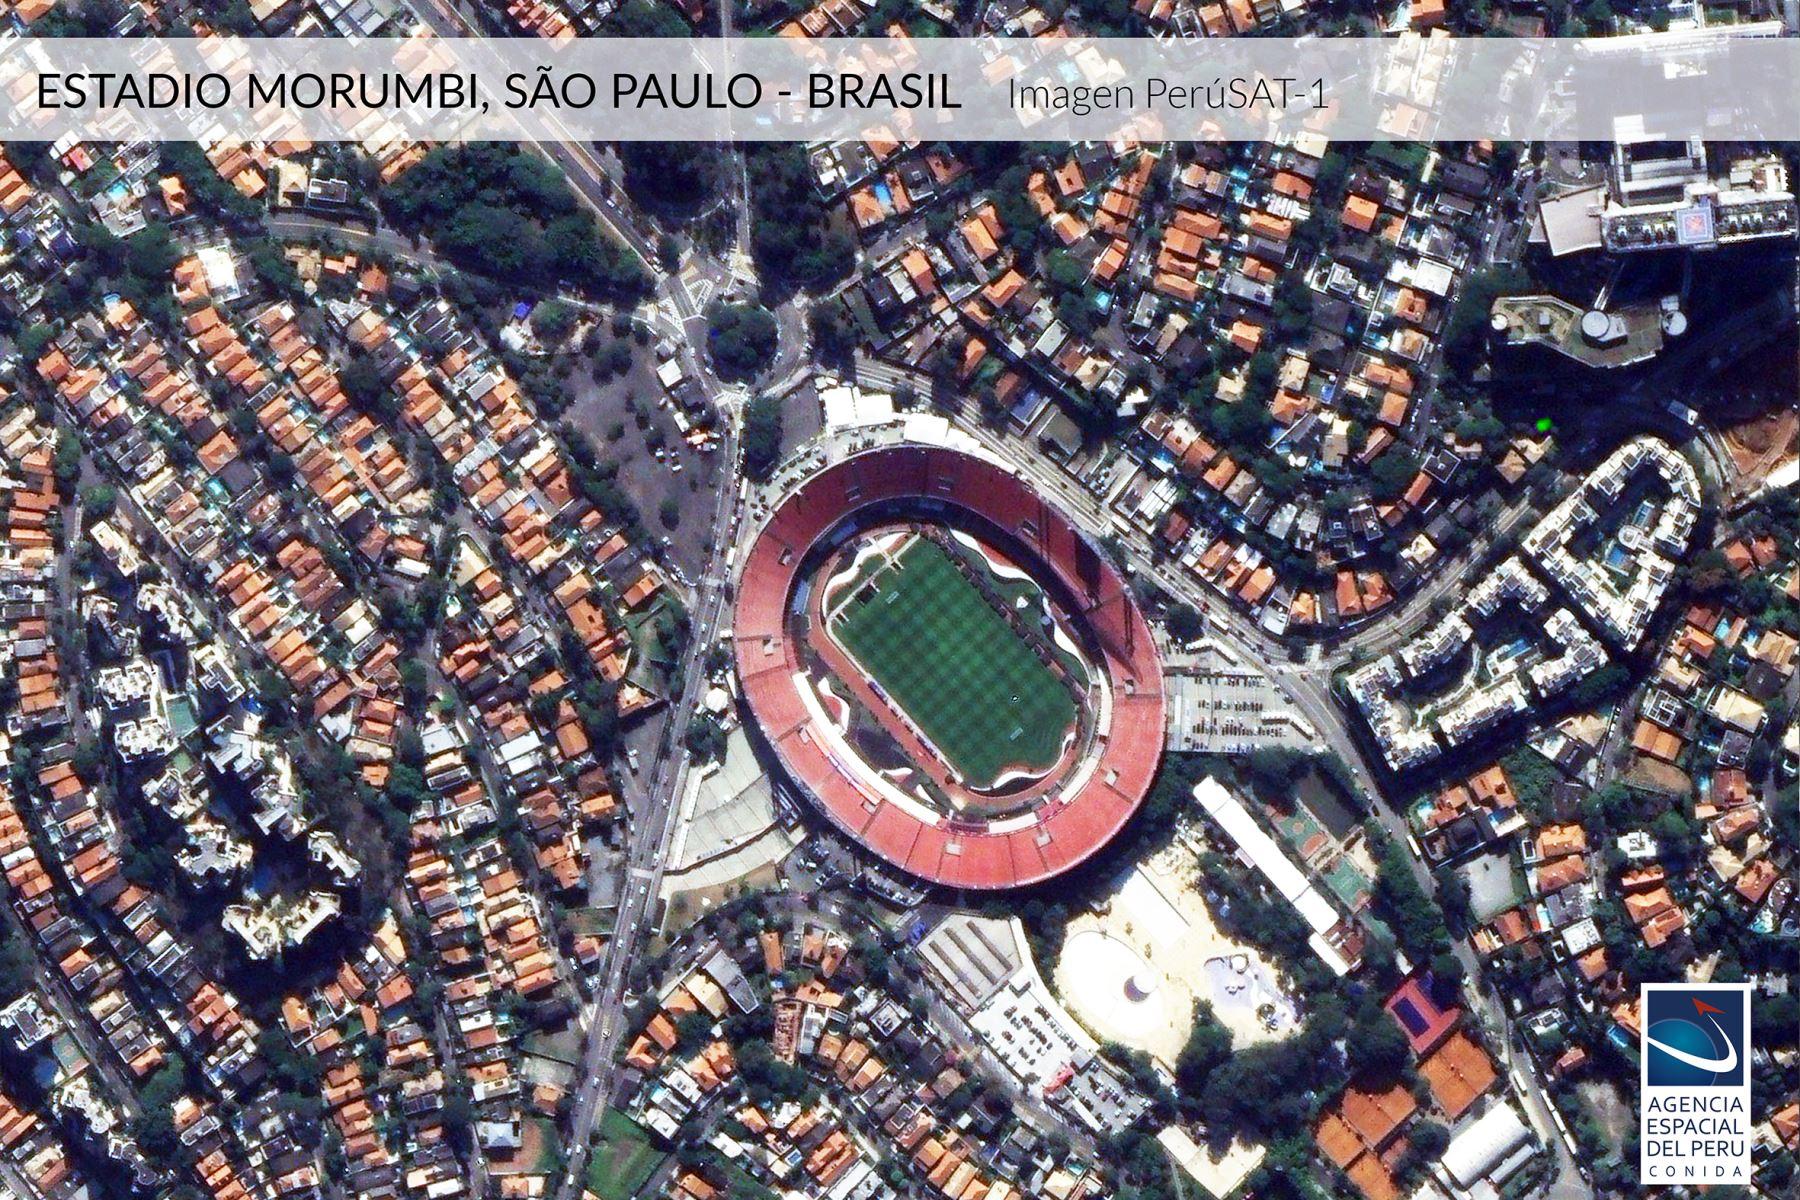 Imagen satelital del Estadio Morumbi-Brasil, sede de la Copa América 2019.Foto: Andina/Agencia Espacial del Perú.